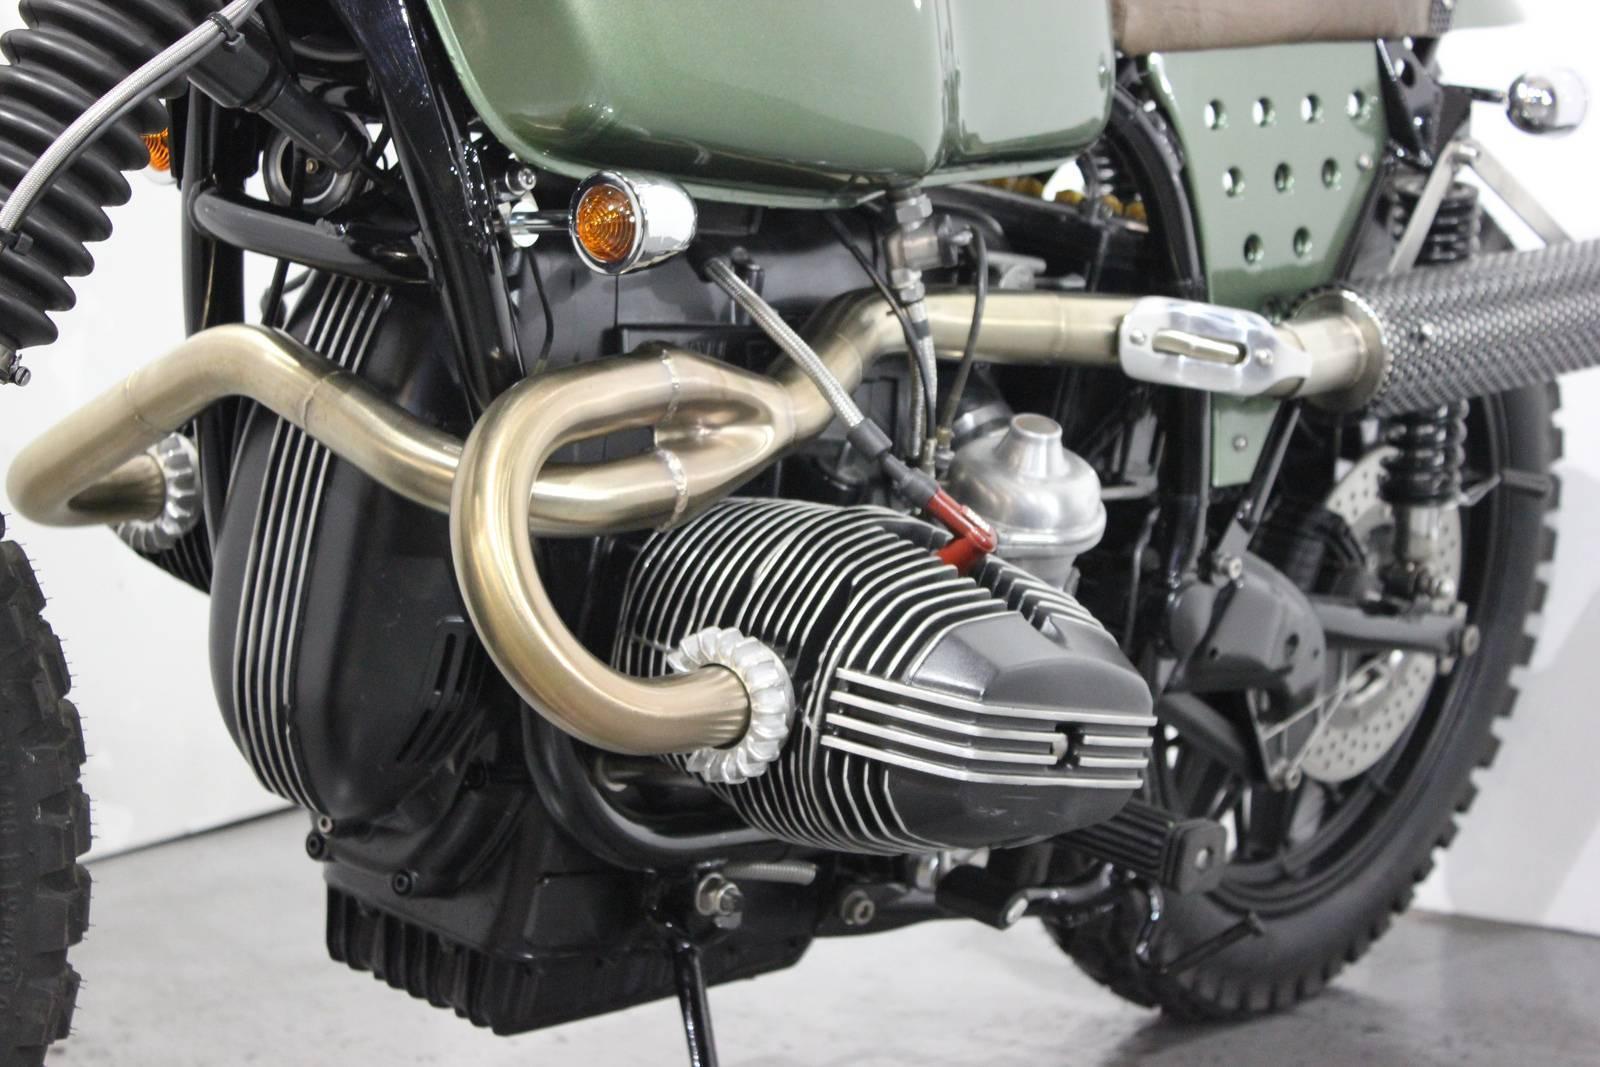 Мотоциклы с объемом двигателя 100 см³